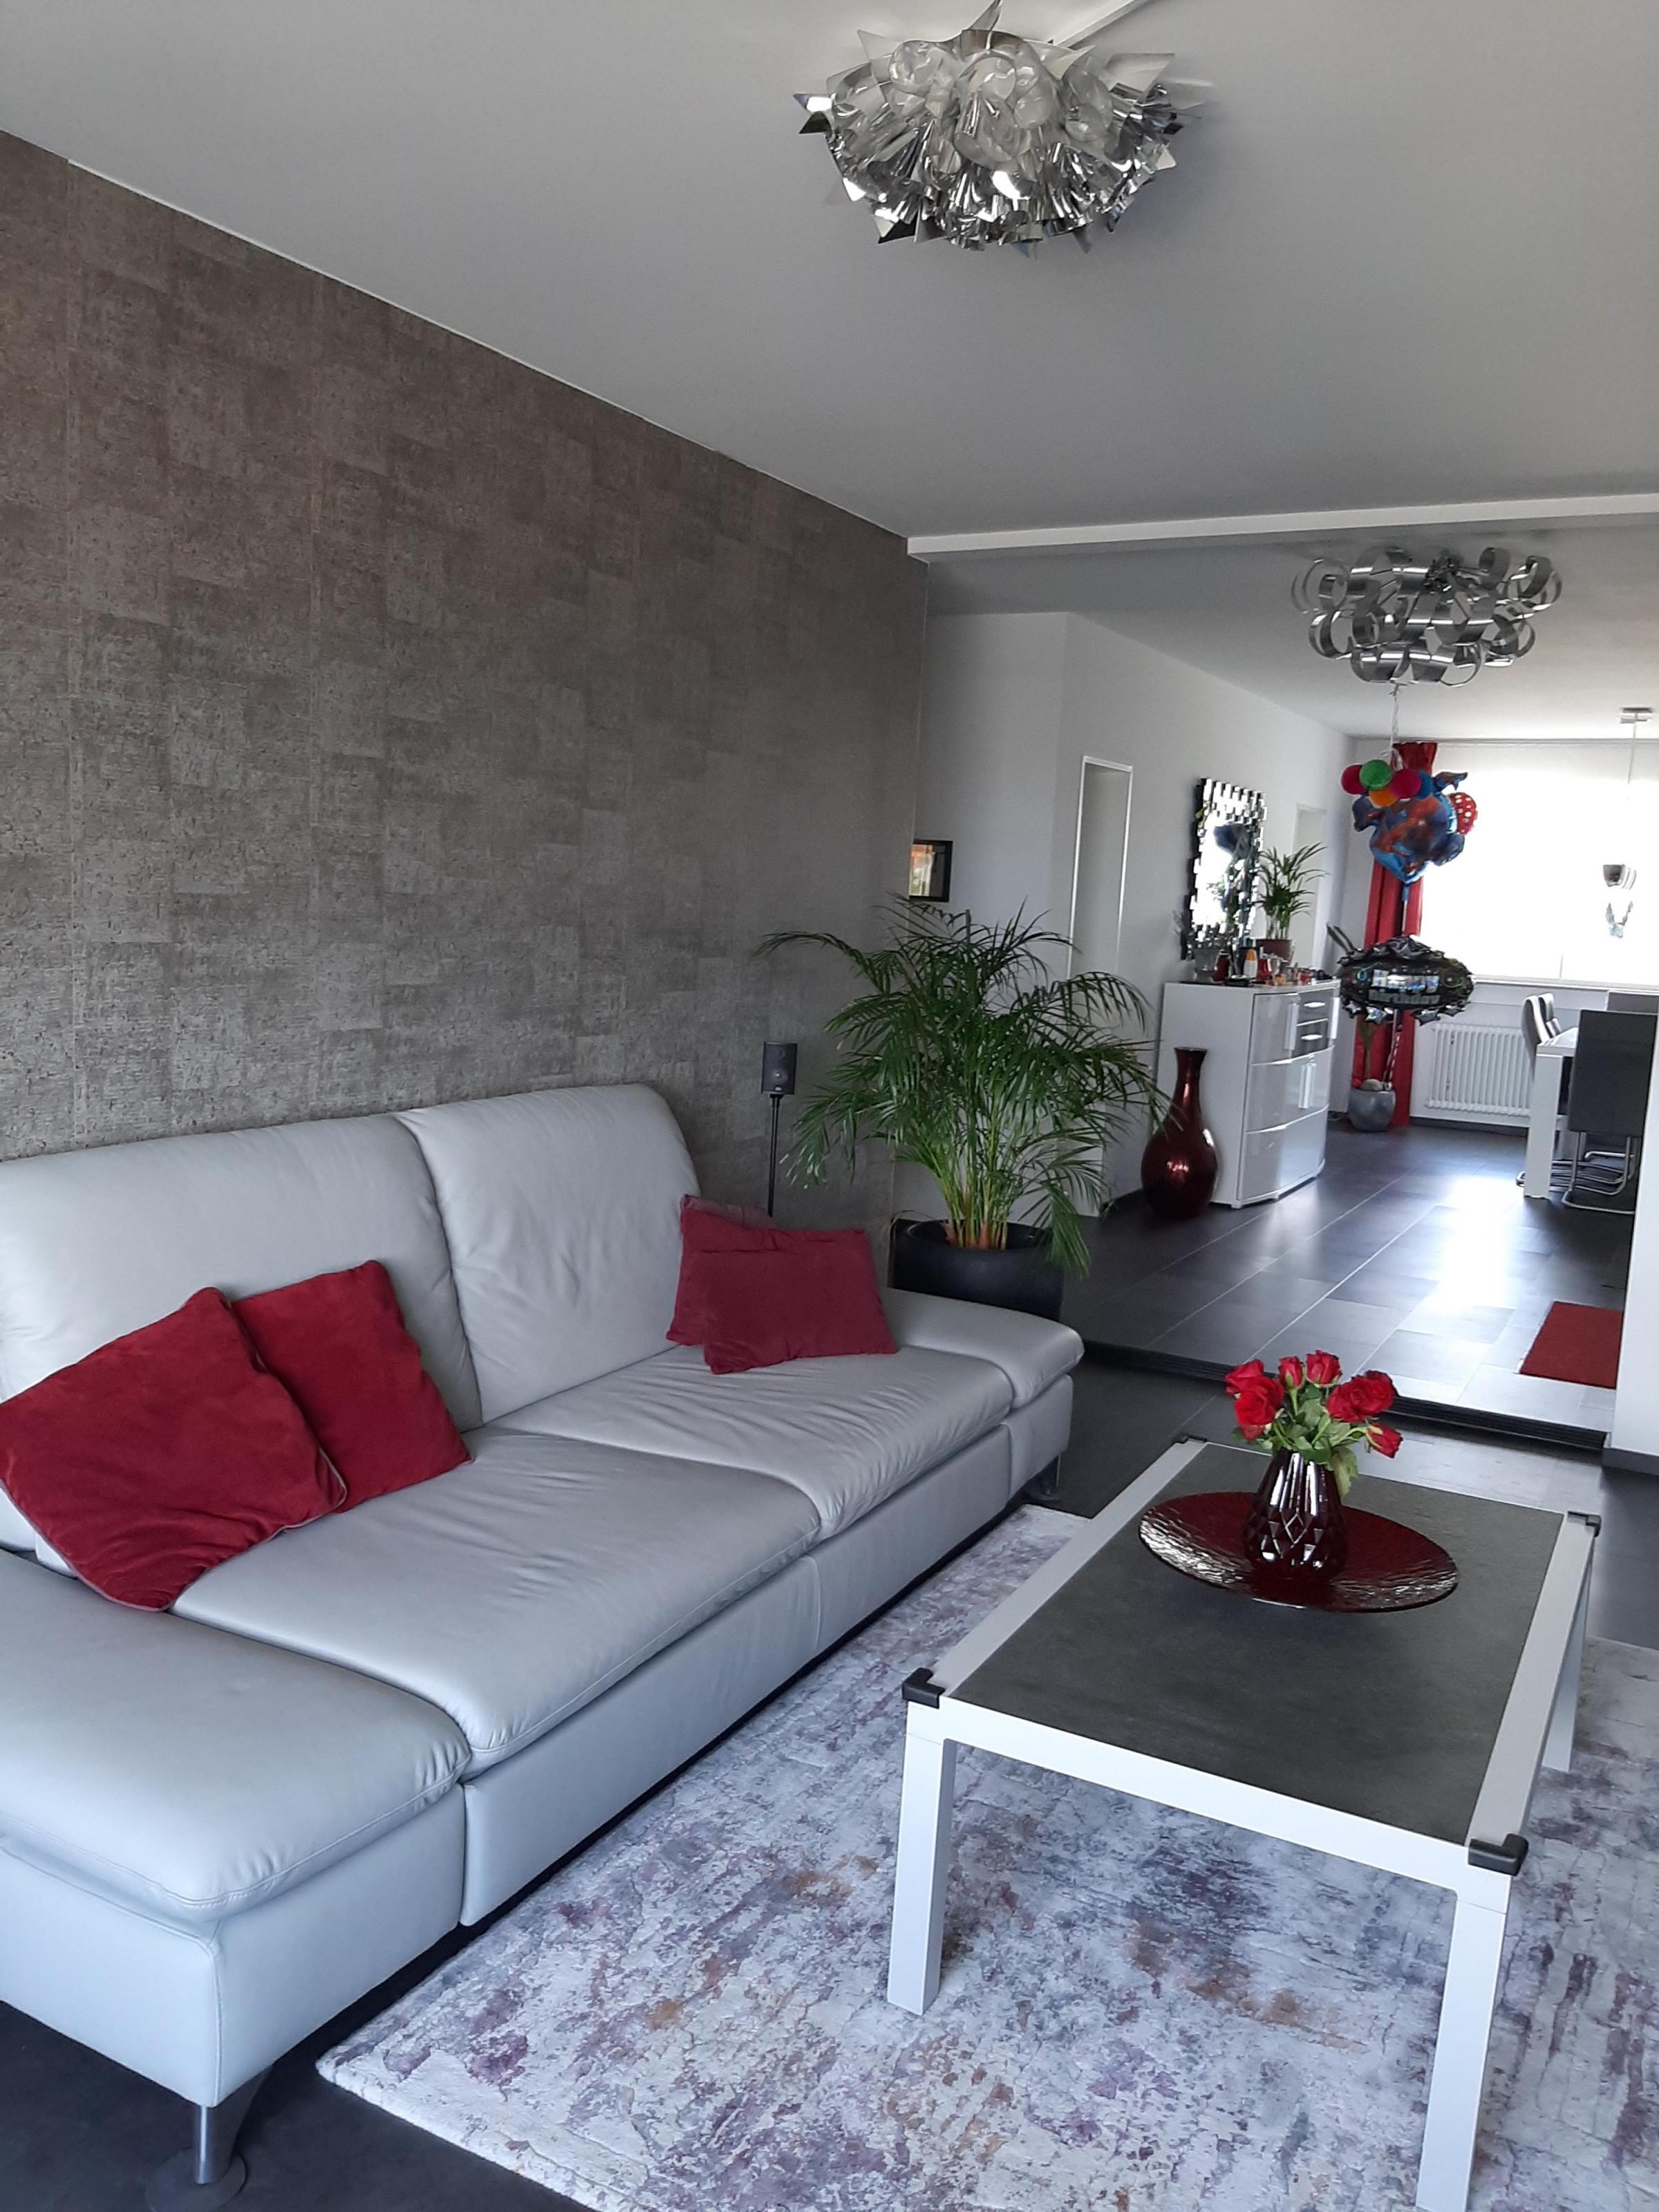 Tapeten Ideen Für Die Wandgestaltung Bei Couch von Wohnzimmer Gestalten Tapete Bild